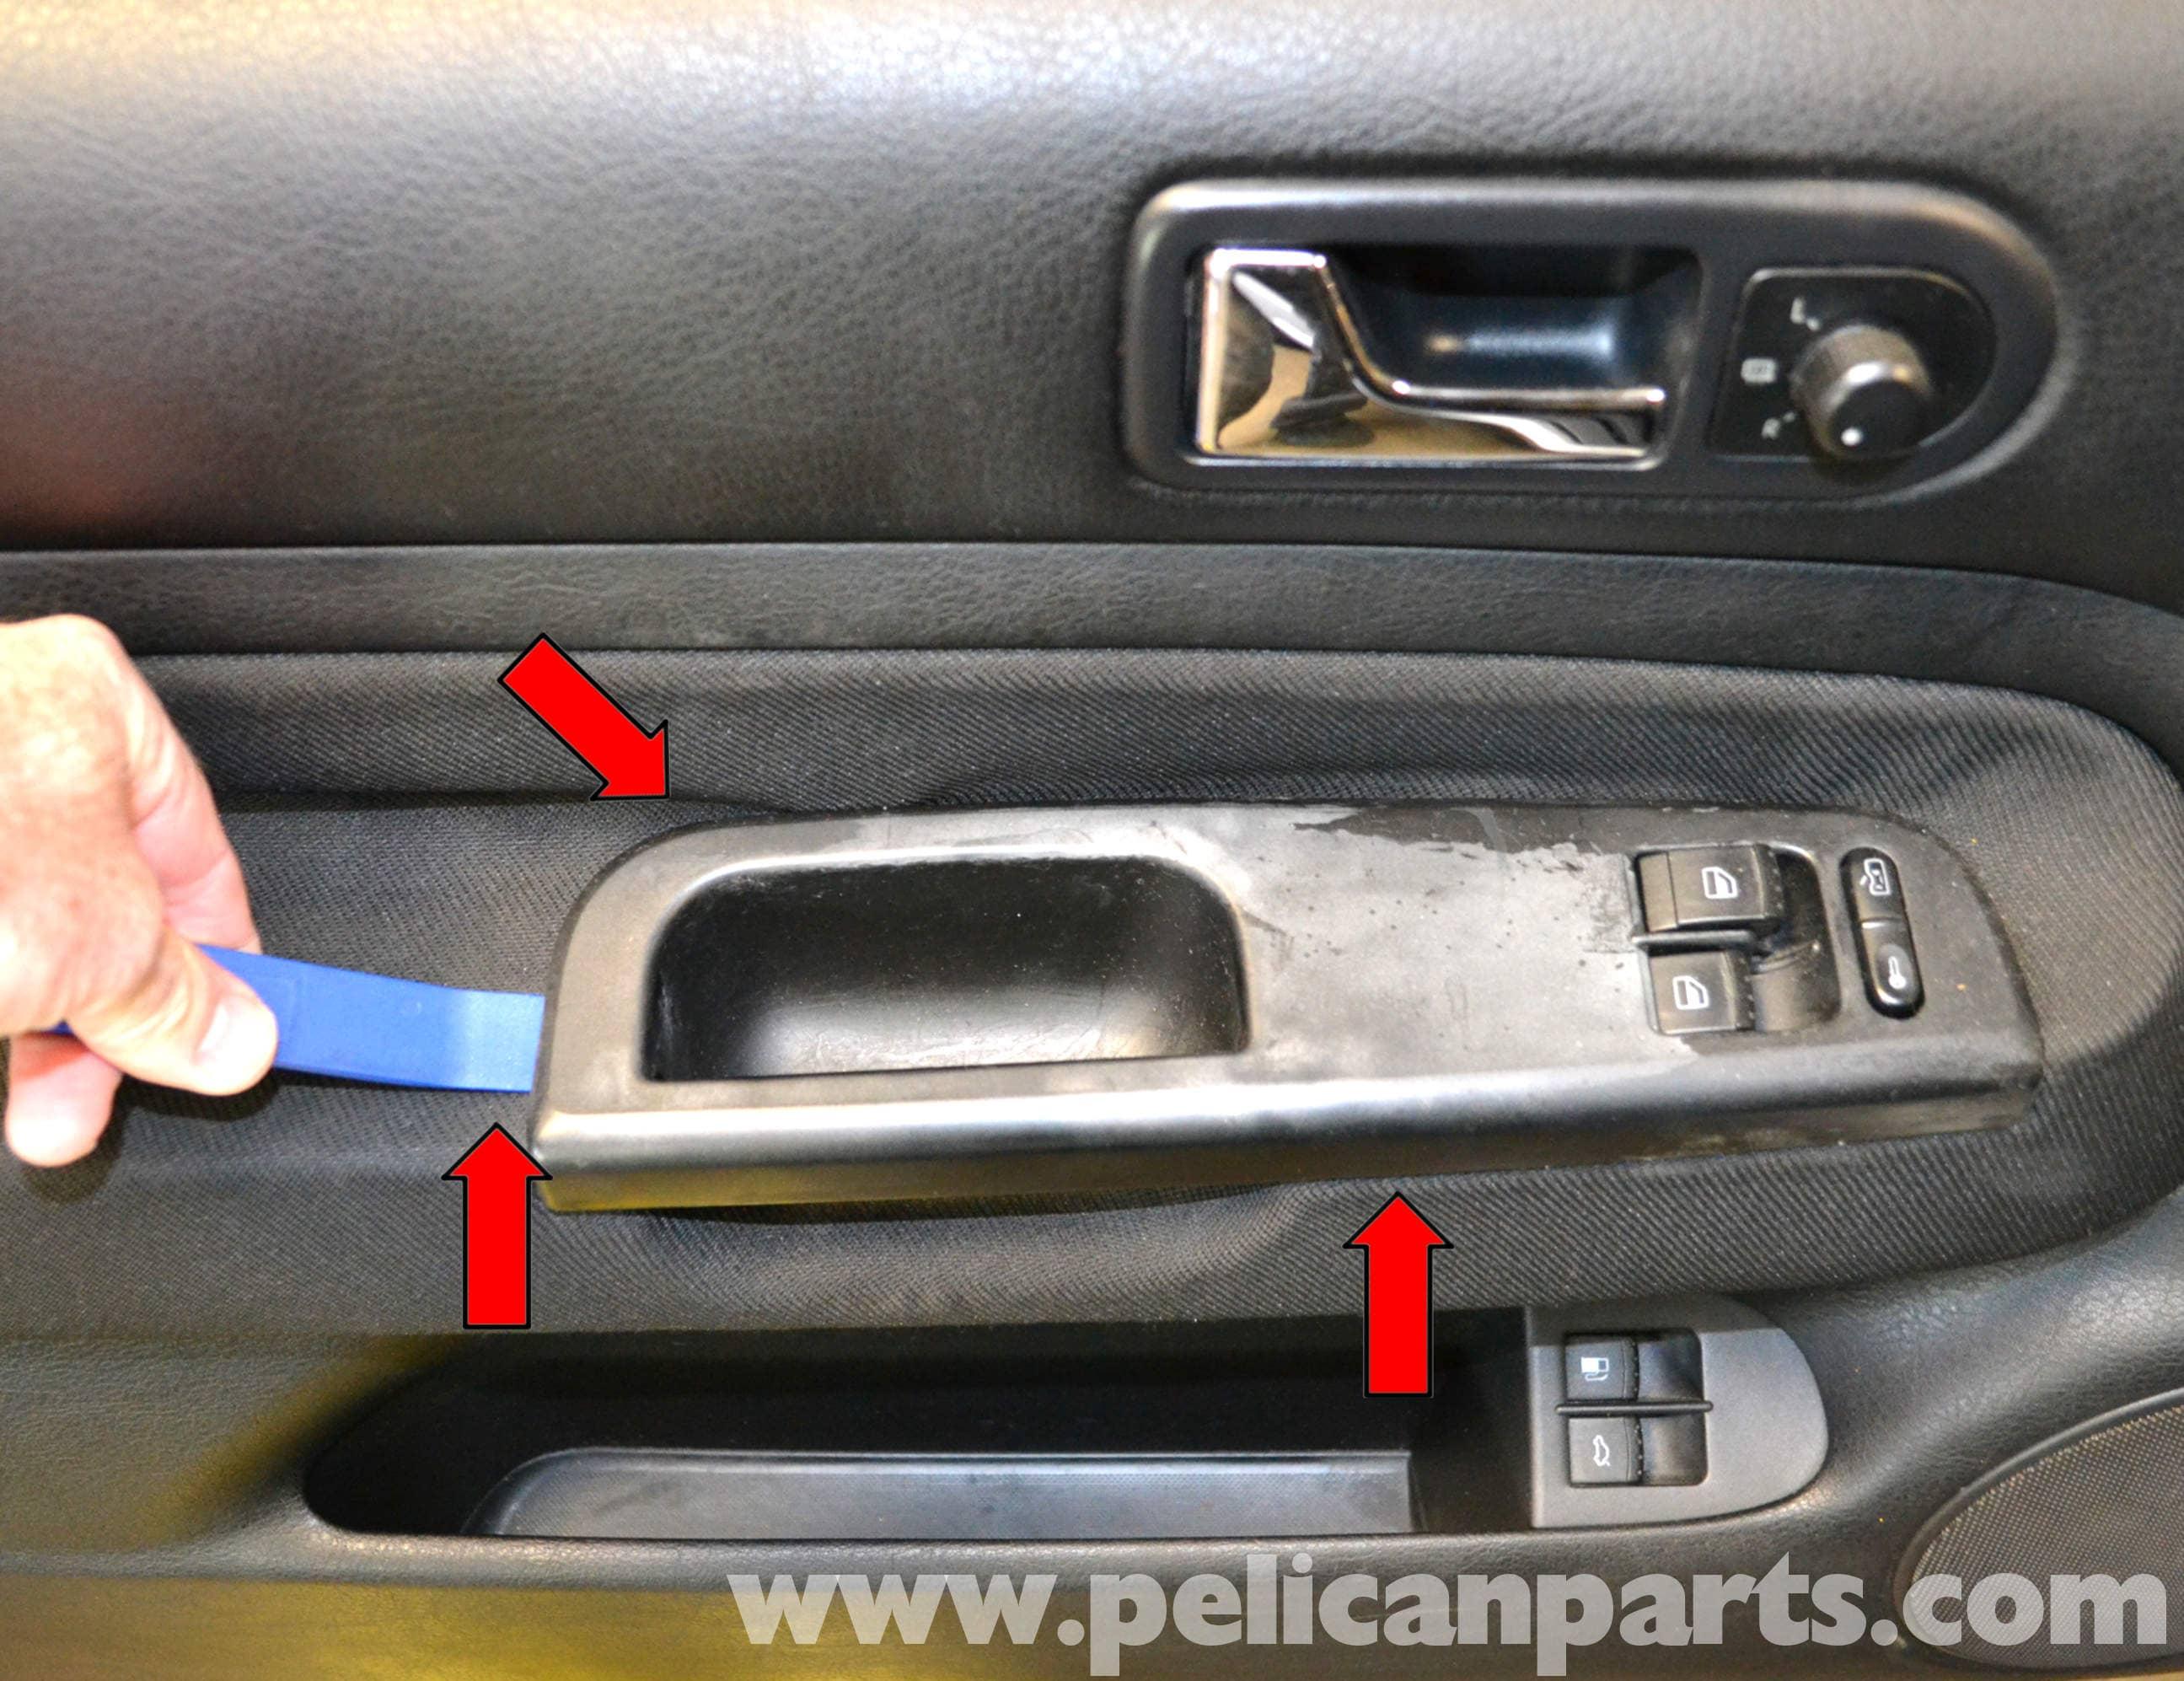 Volkswagen Golf Gti Mk Iv Front Door Panel Removal 1999 2005 Pelican Parts Diy Maintenance Article